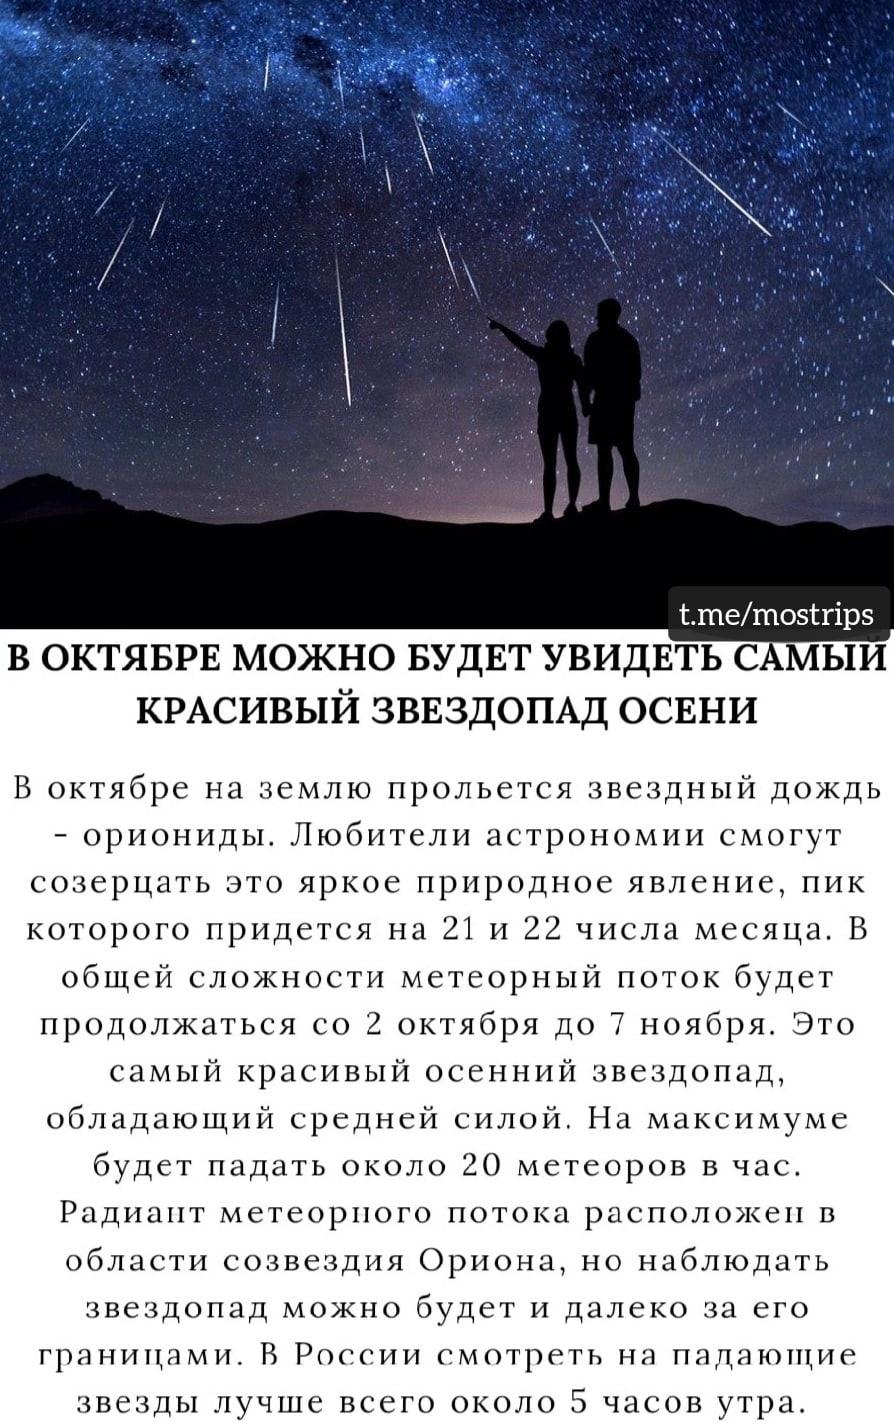 Пост Москвича номер #257997